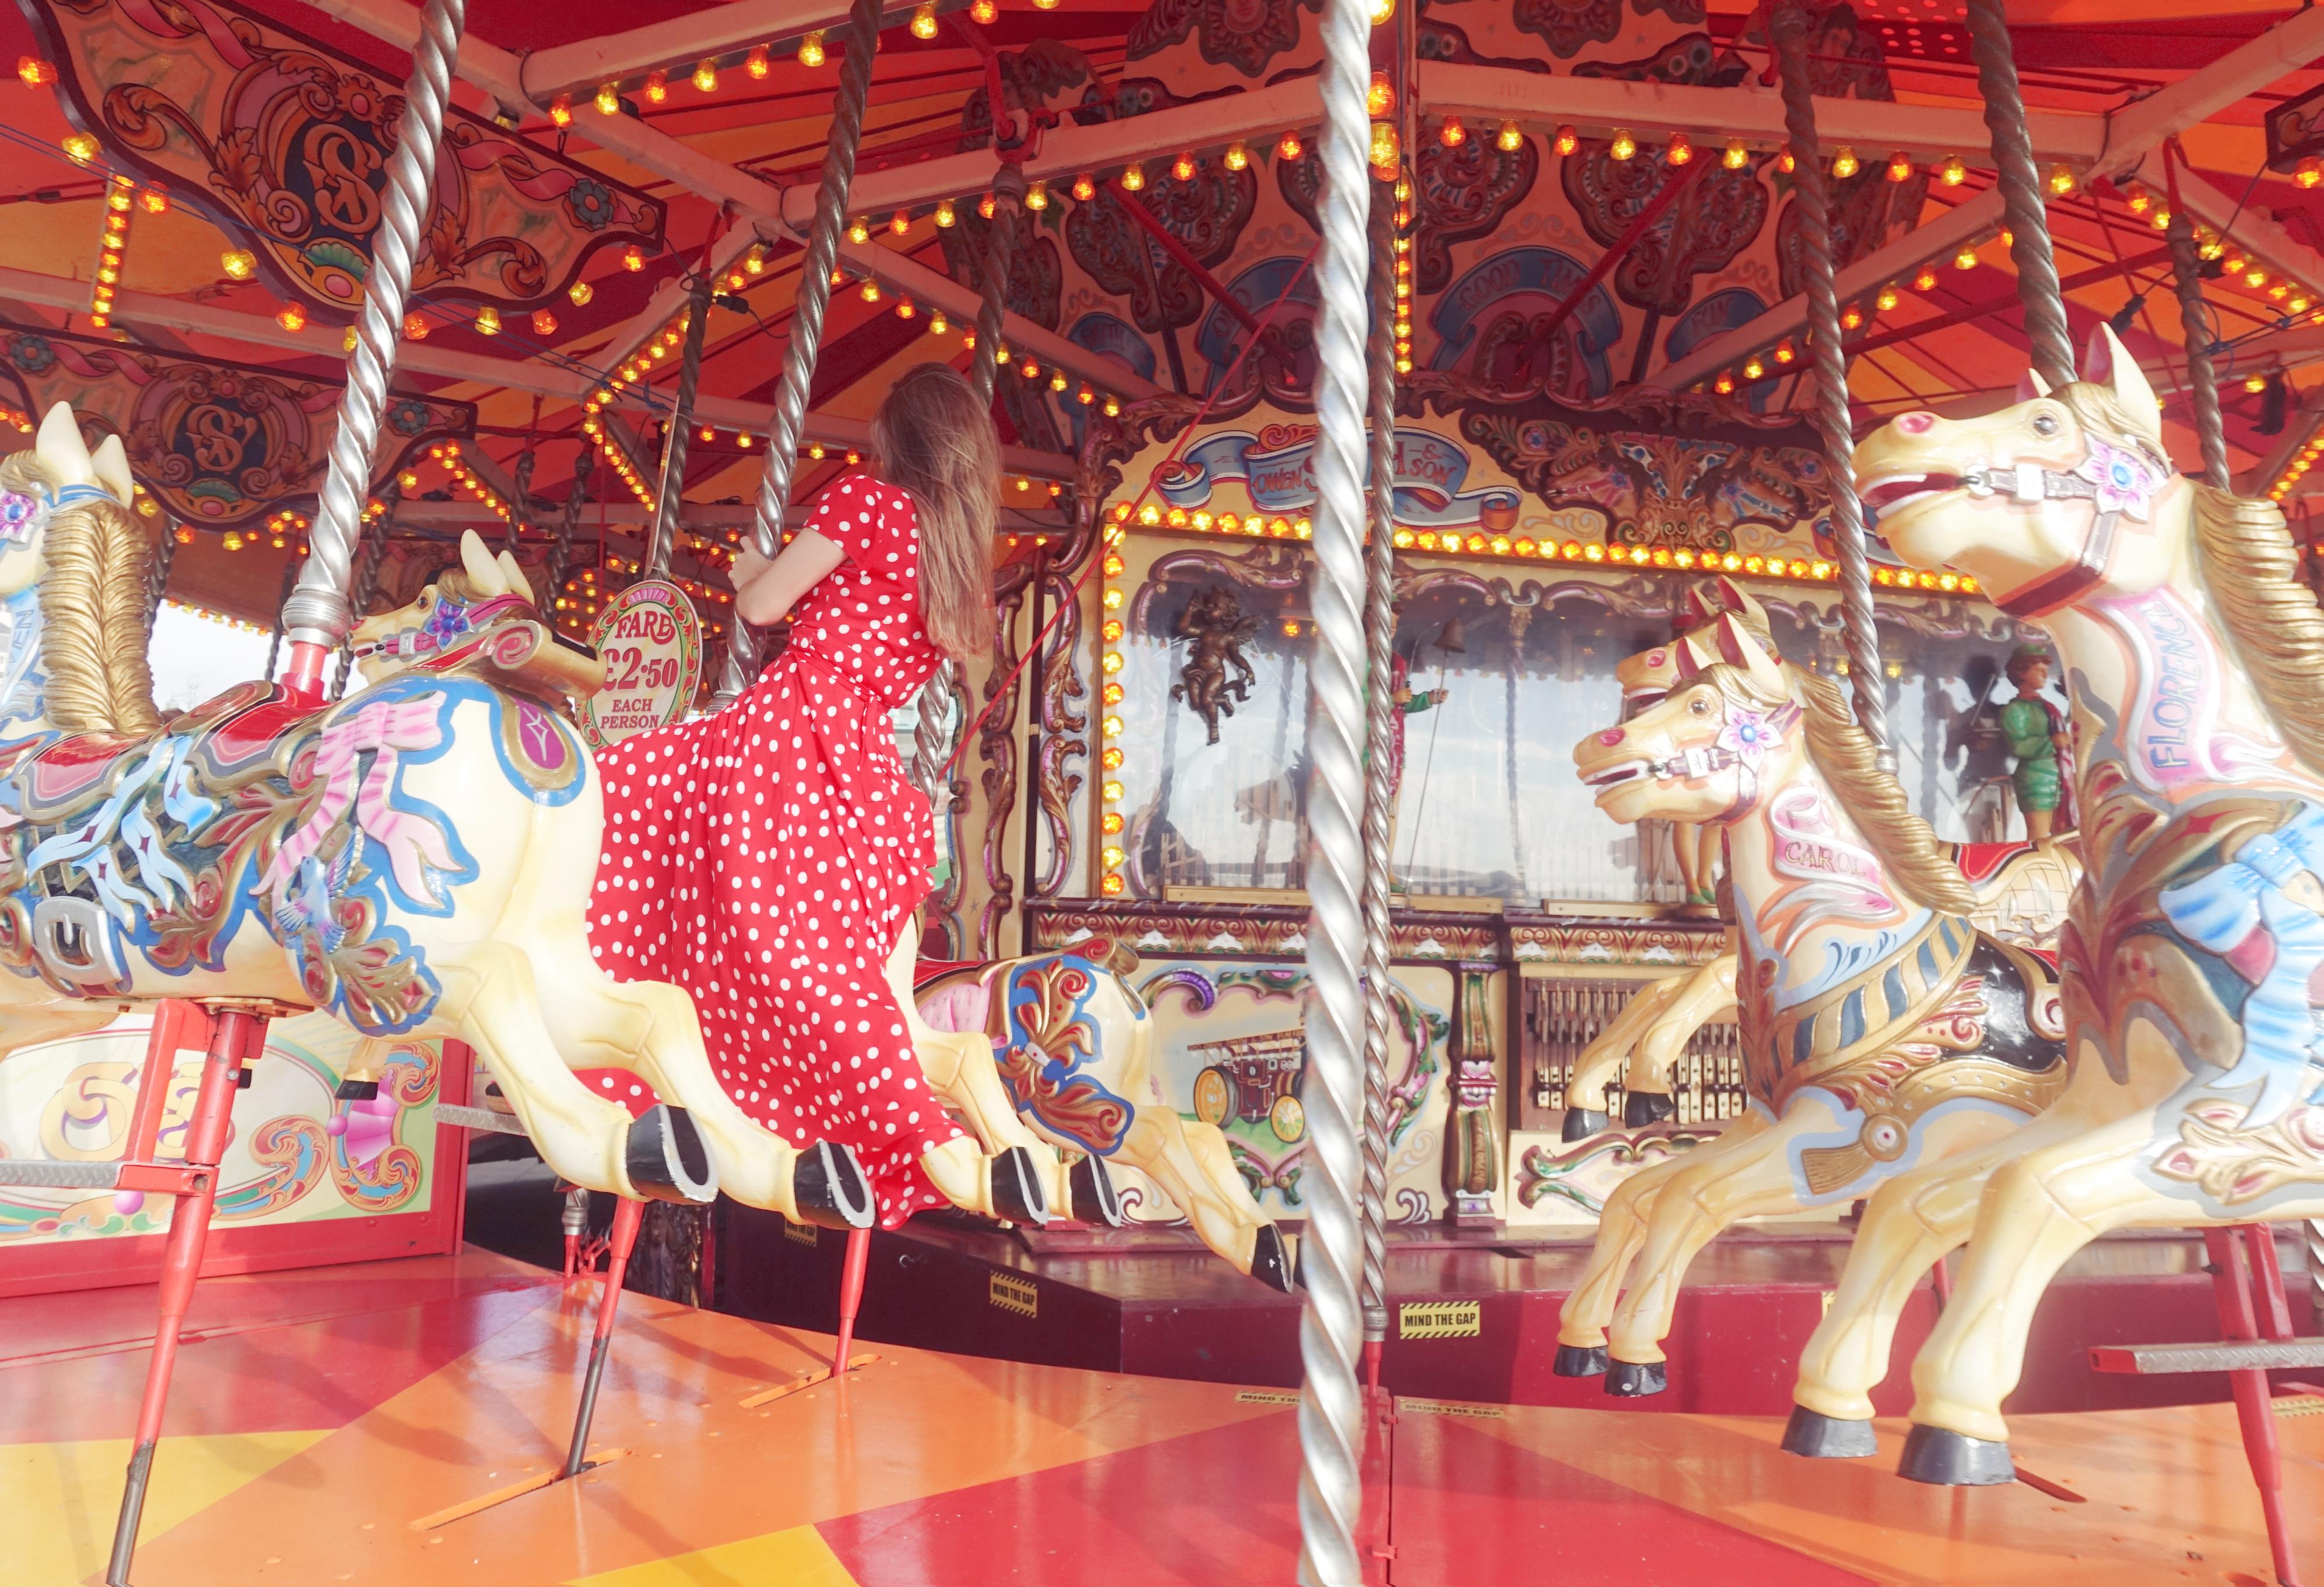 Carrousel-brighton-Chicadicta-influencer-PiensaenChic-polkadot-dress-floryday-Chic-adicta-Piensa-en-Chic-vestidos-de-luanes-retro-look